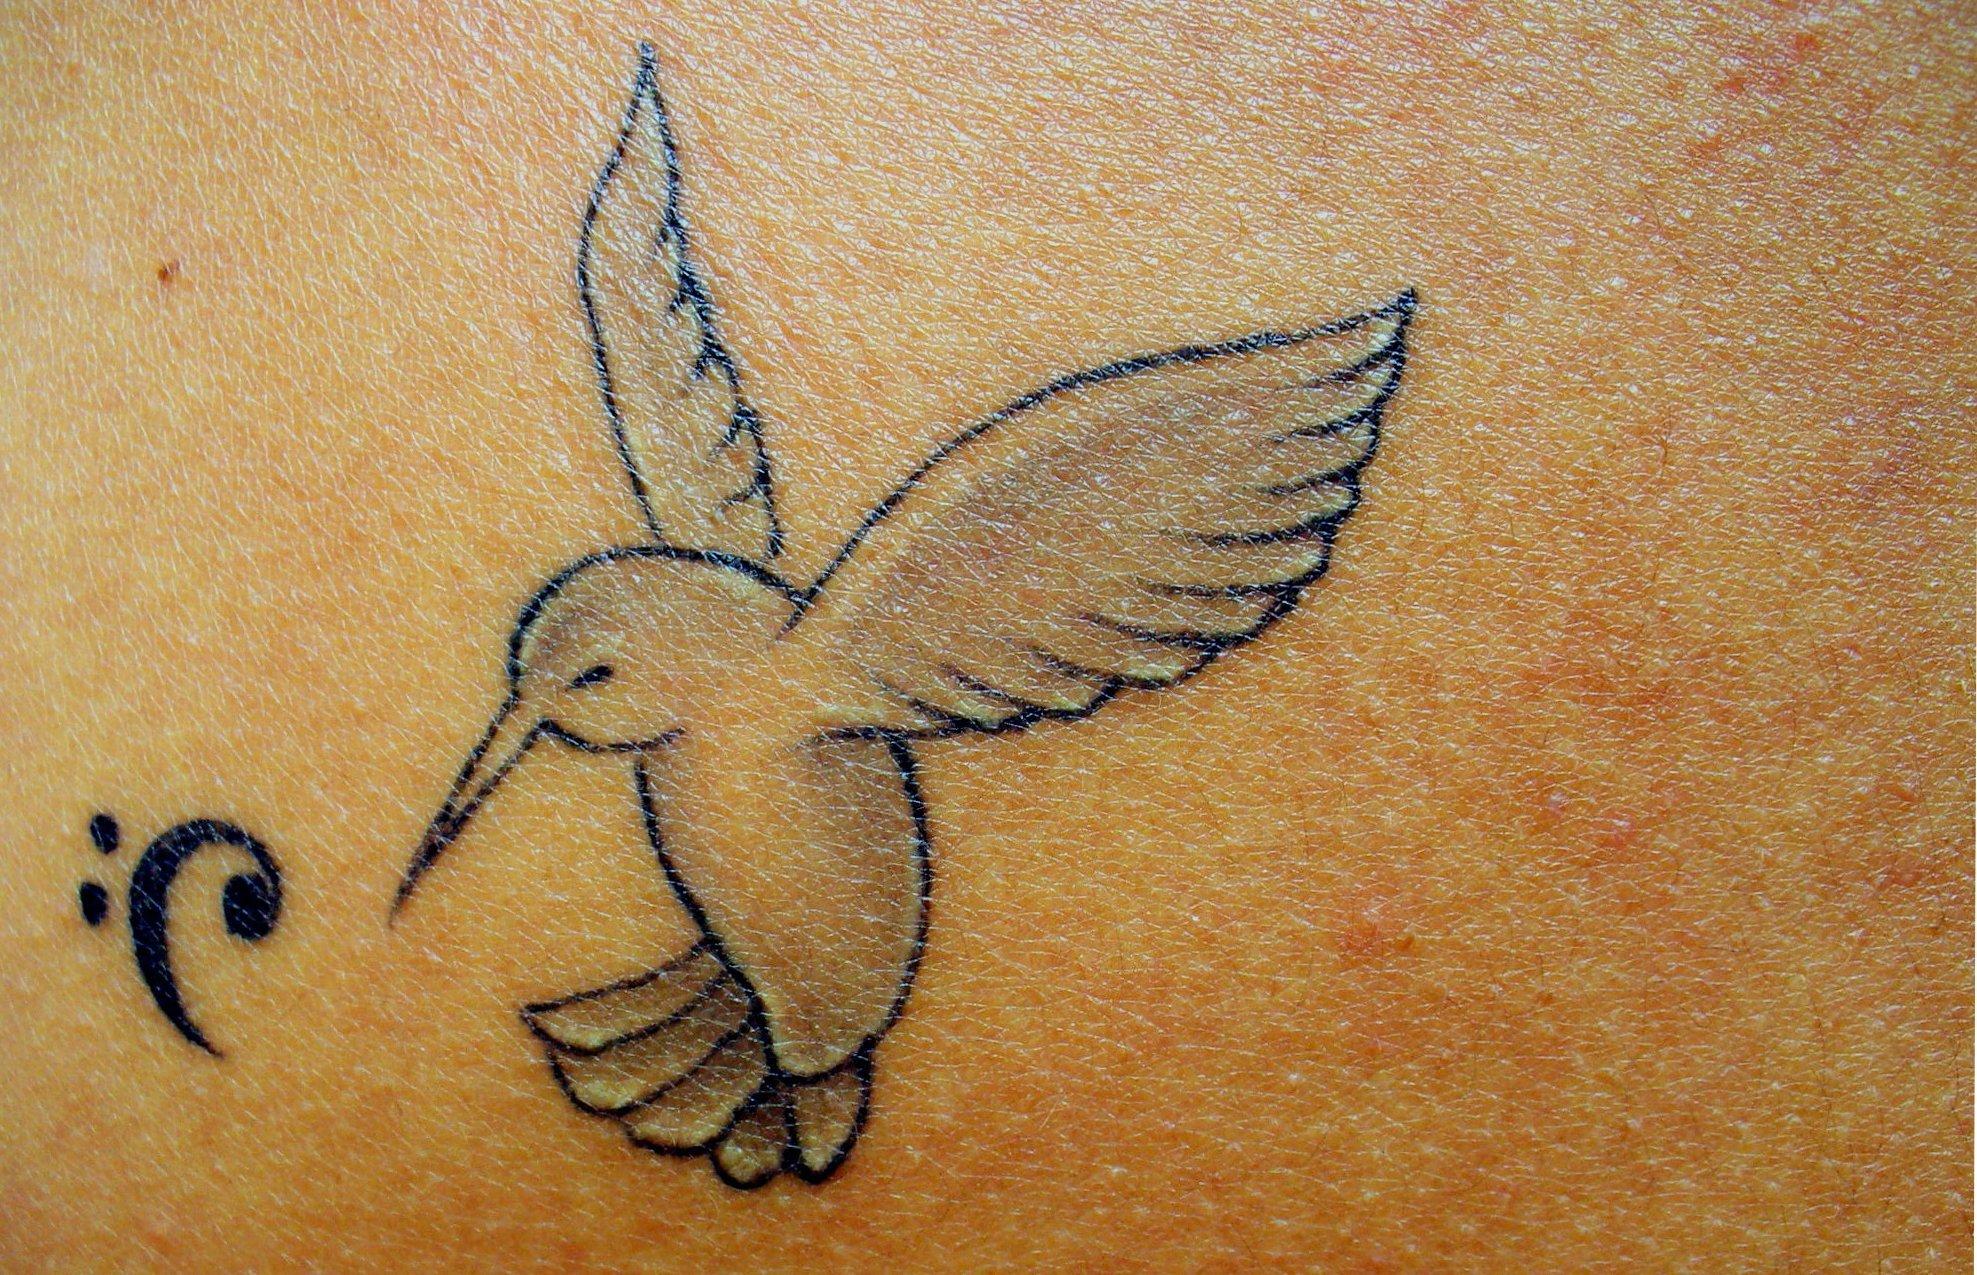 Kolibri Tattoo Motive und deren Bedeutung alletattoo.de 6